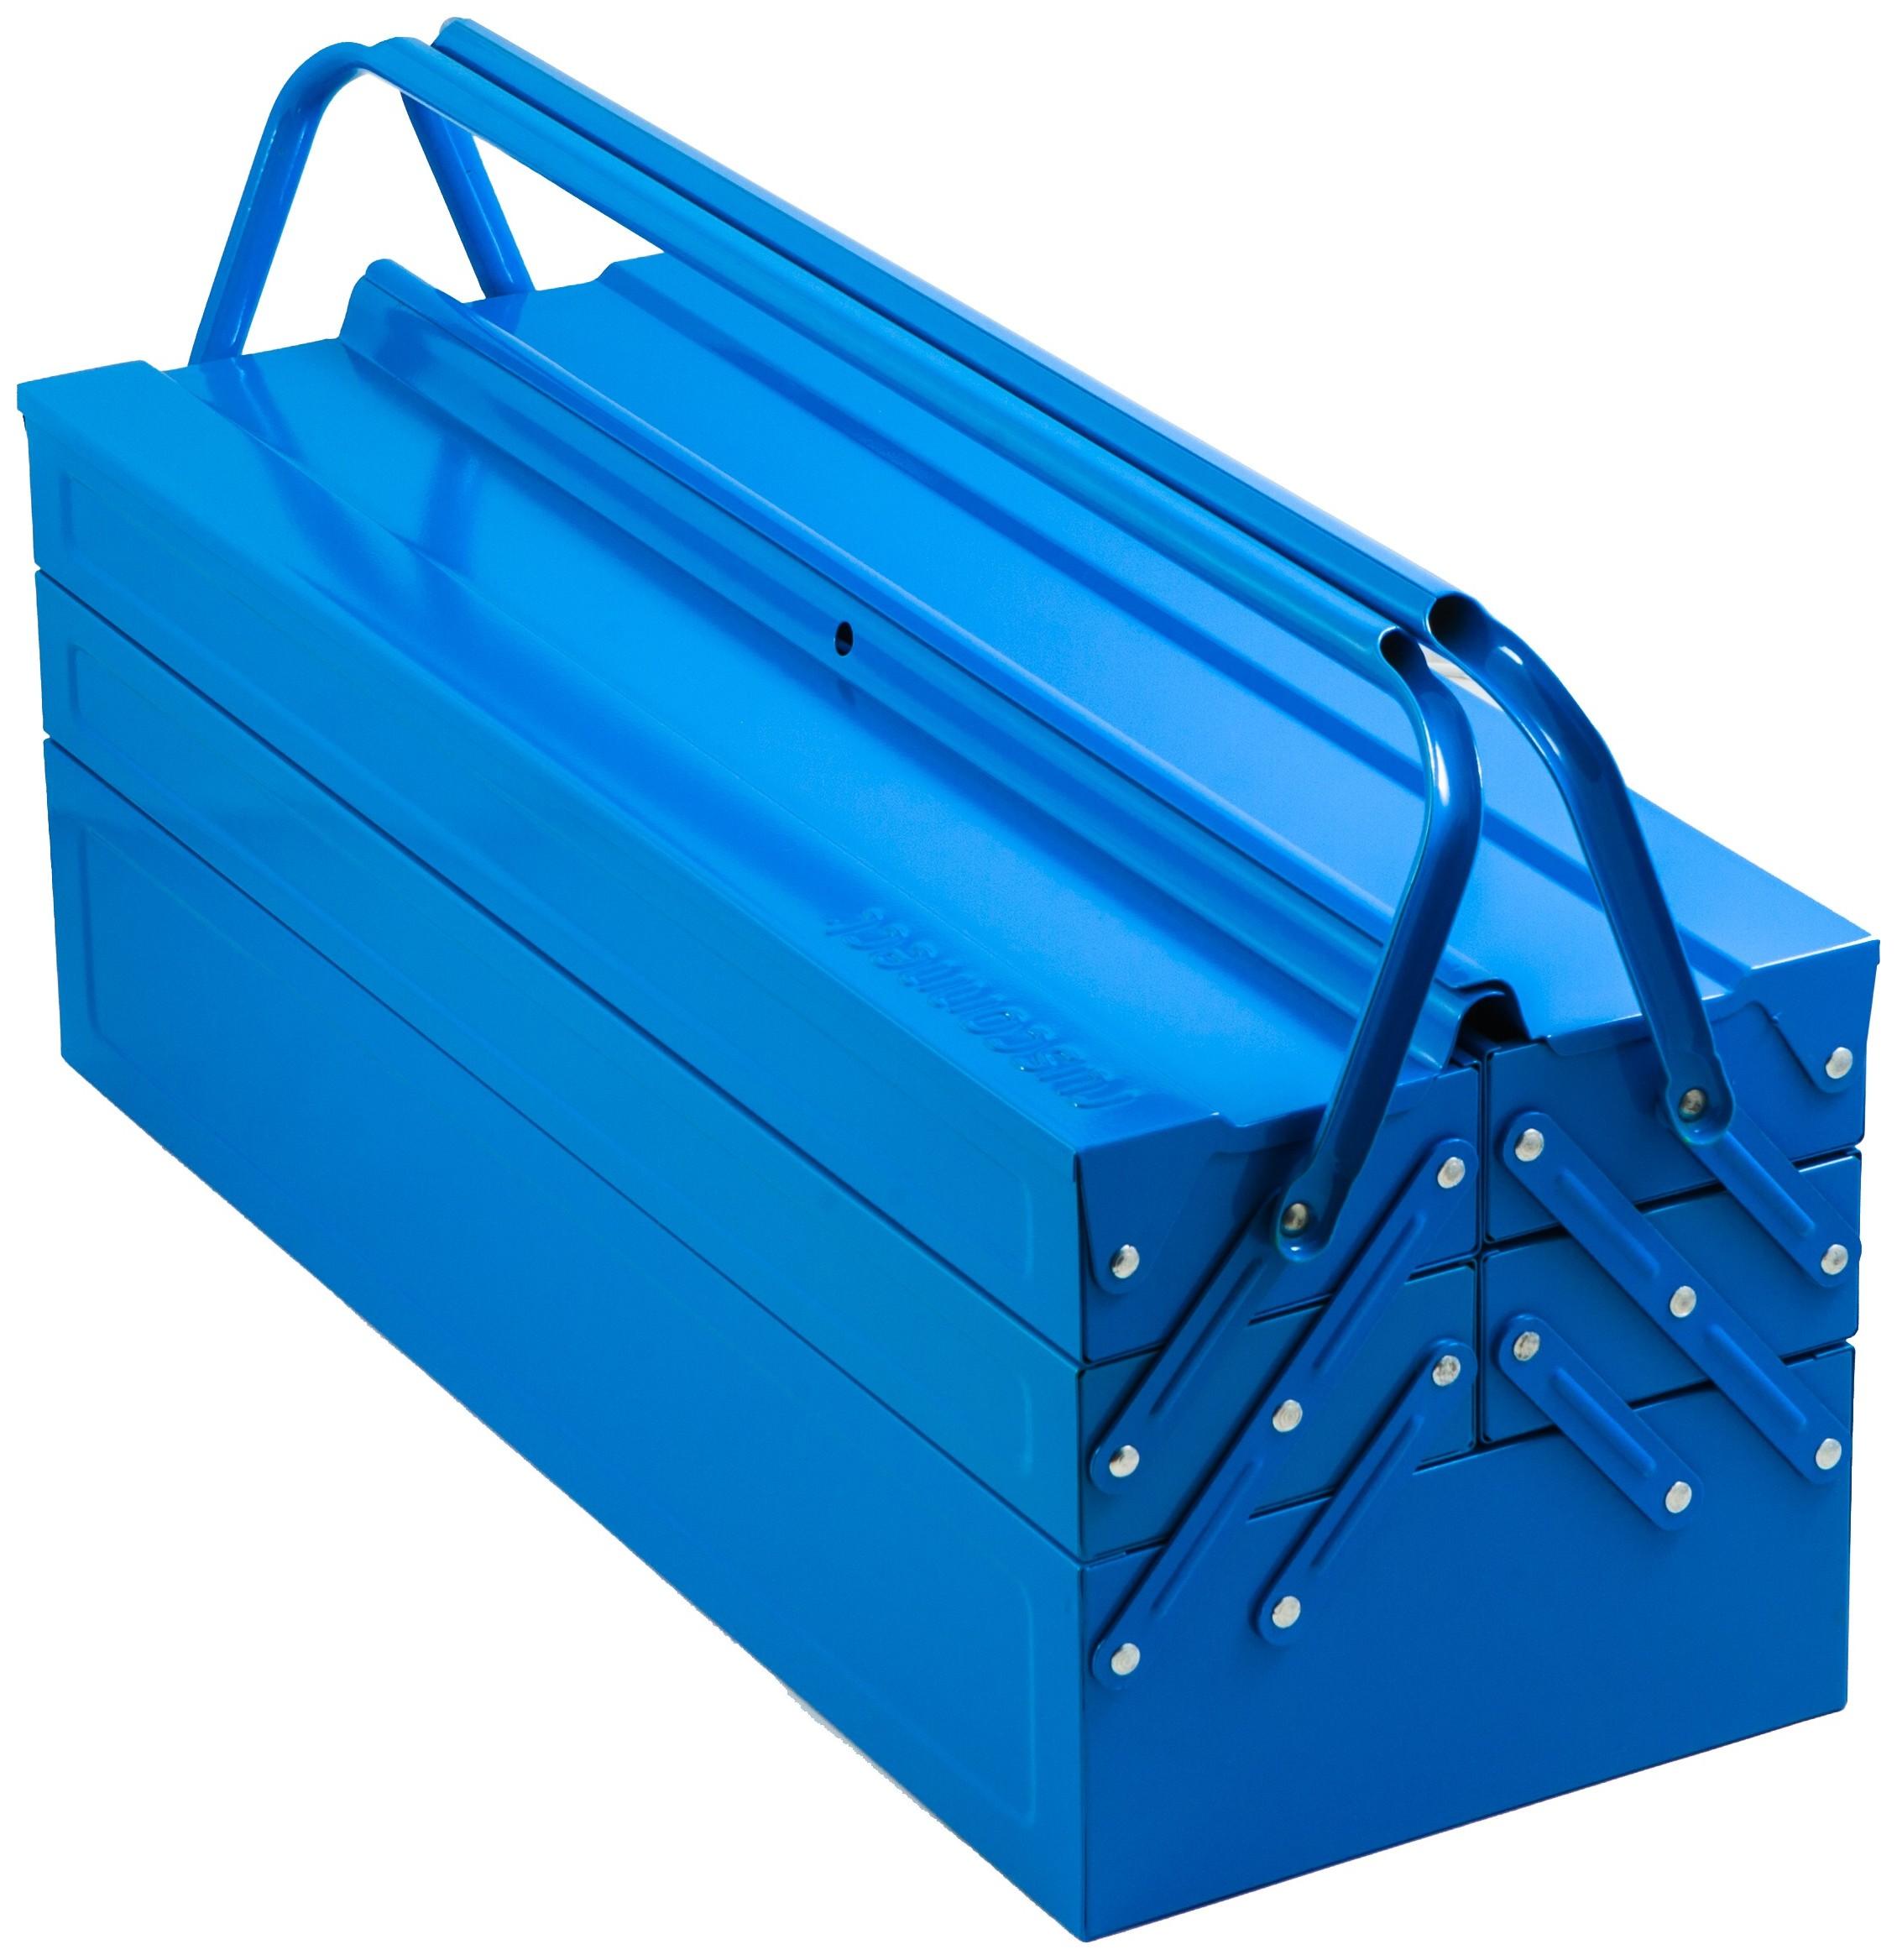 Ящик для инструментов своими руками - схемы, чертежи, фото - строительство и ремонт